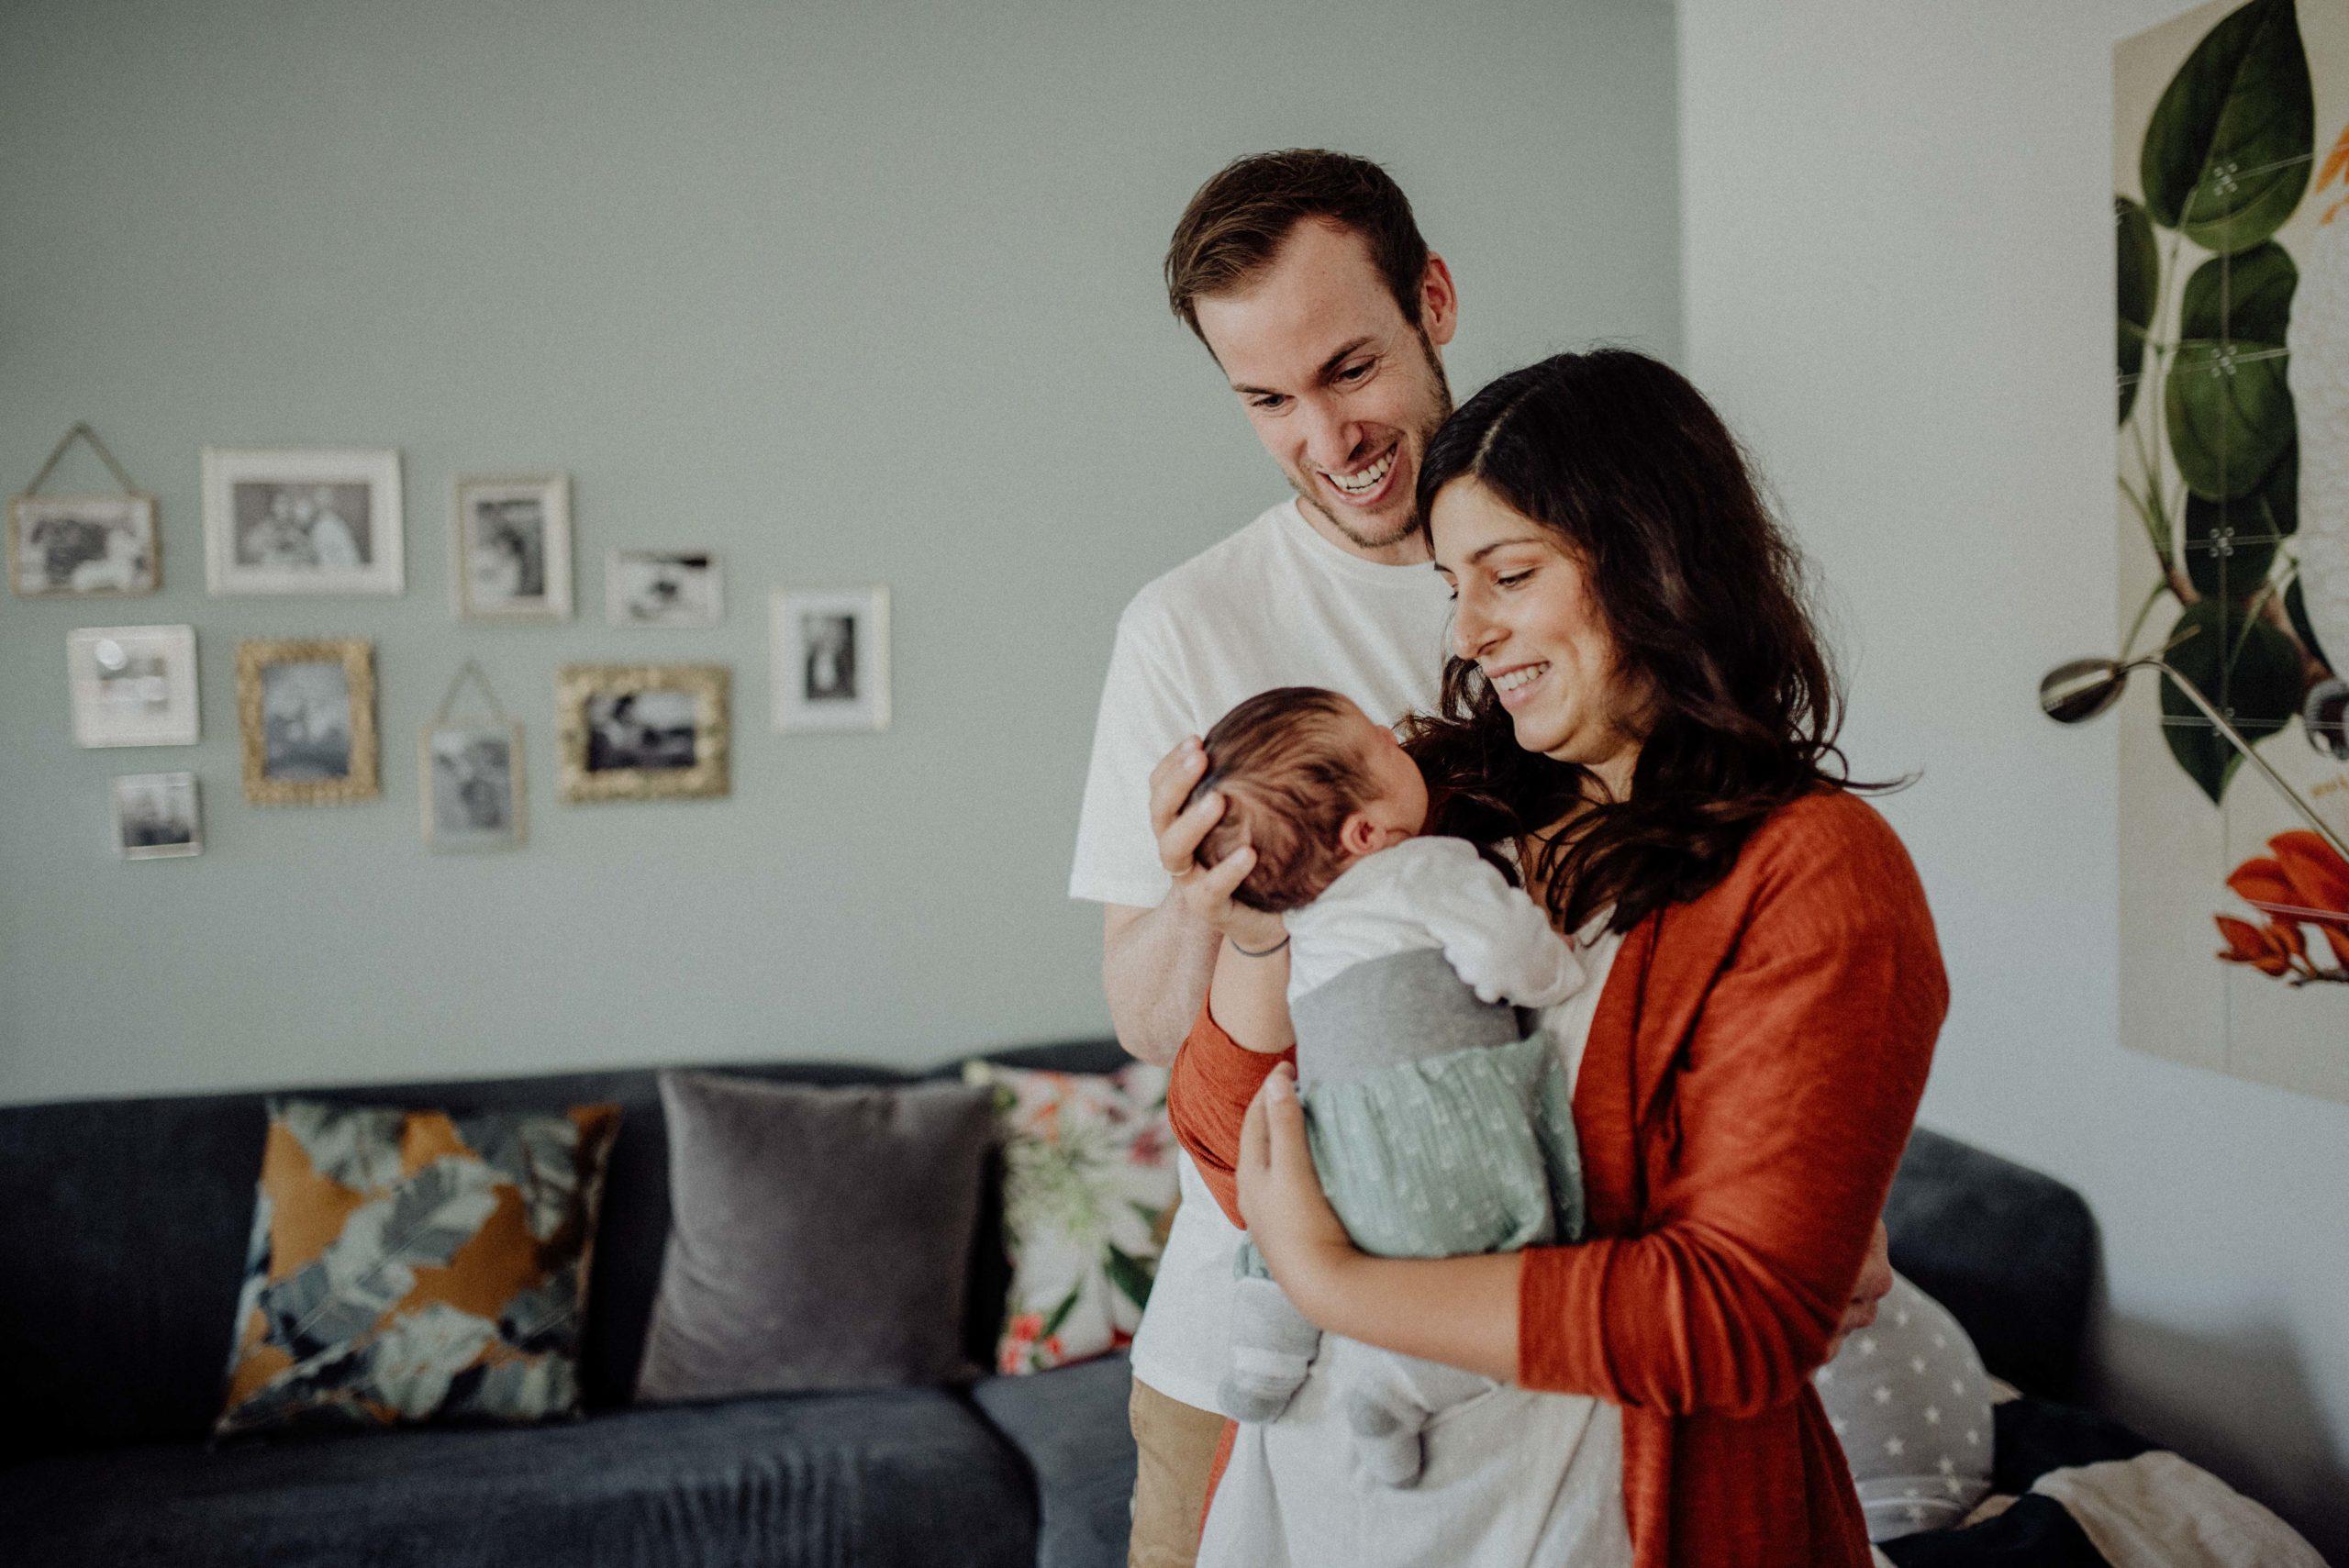 010-Witten-Homestory-Homesession-Newborn-Baby-Fotoshooting